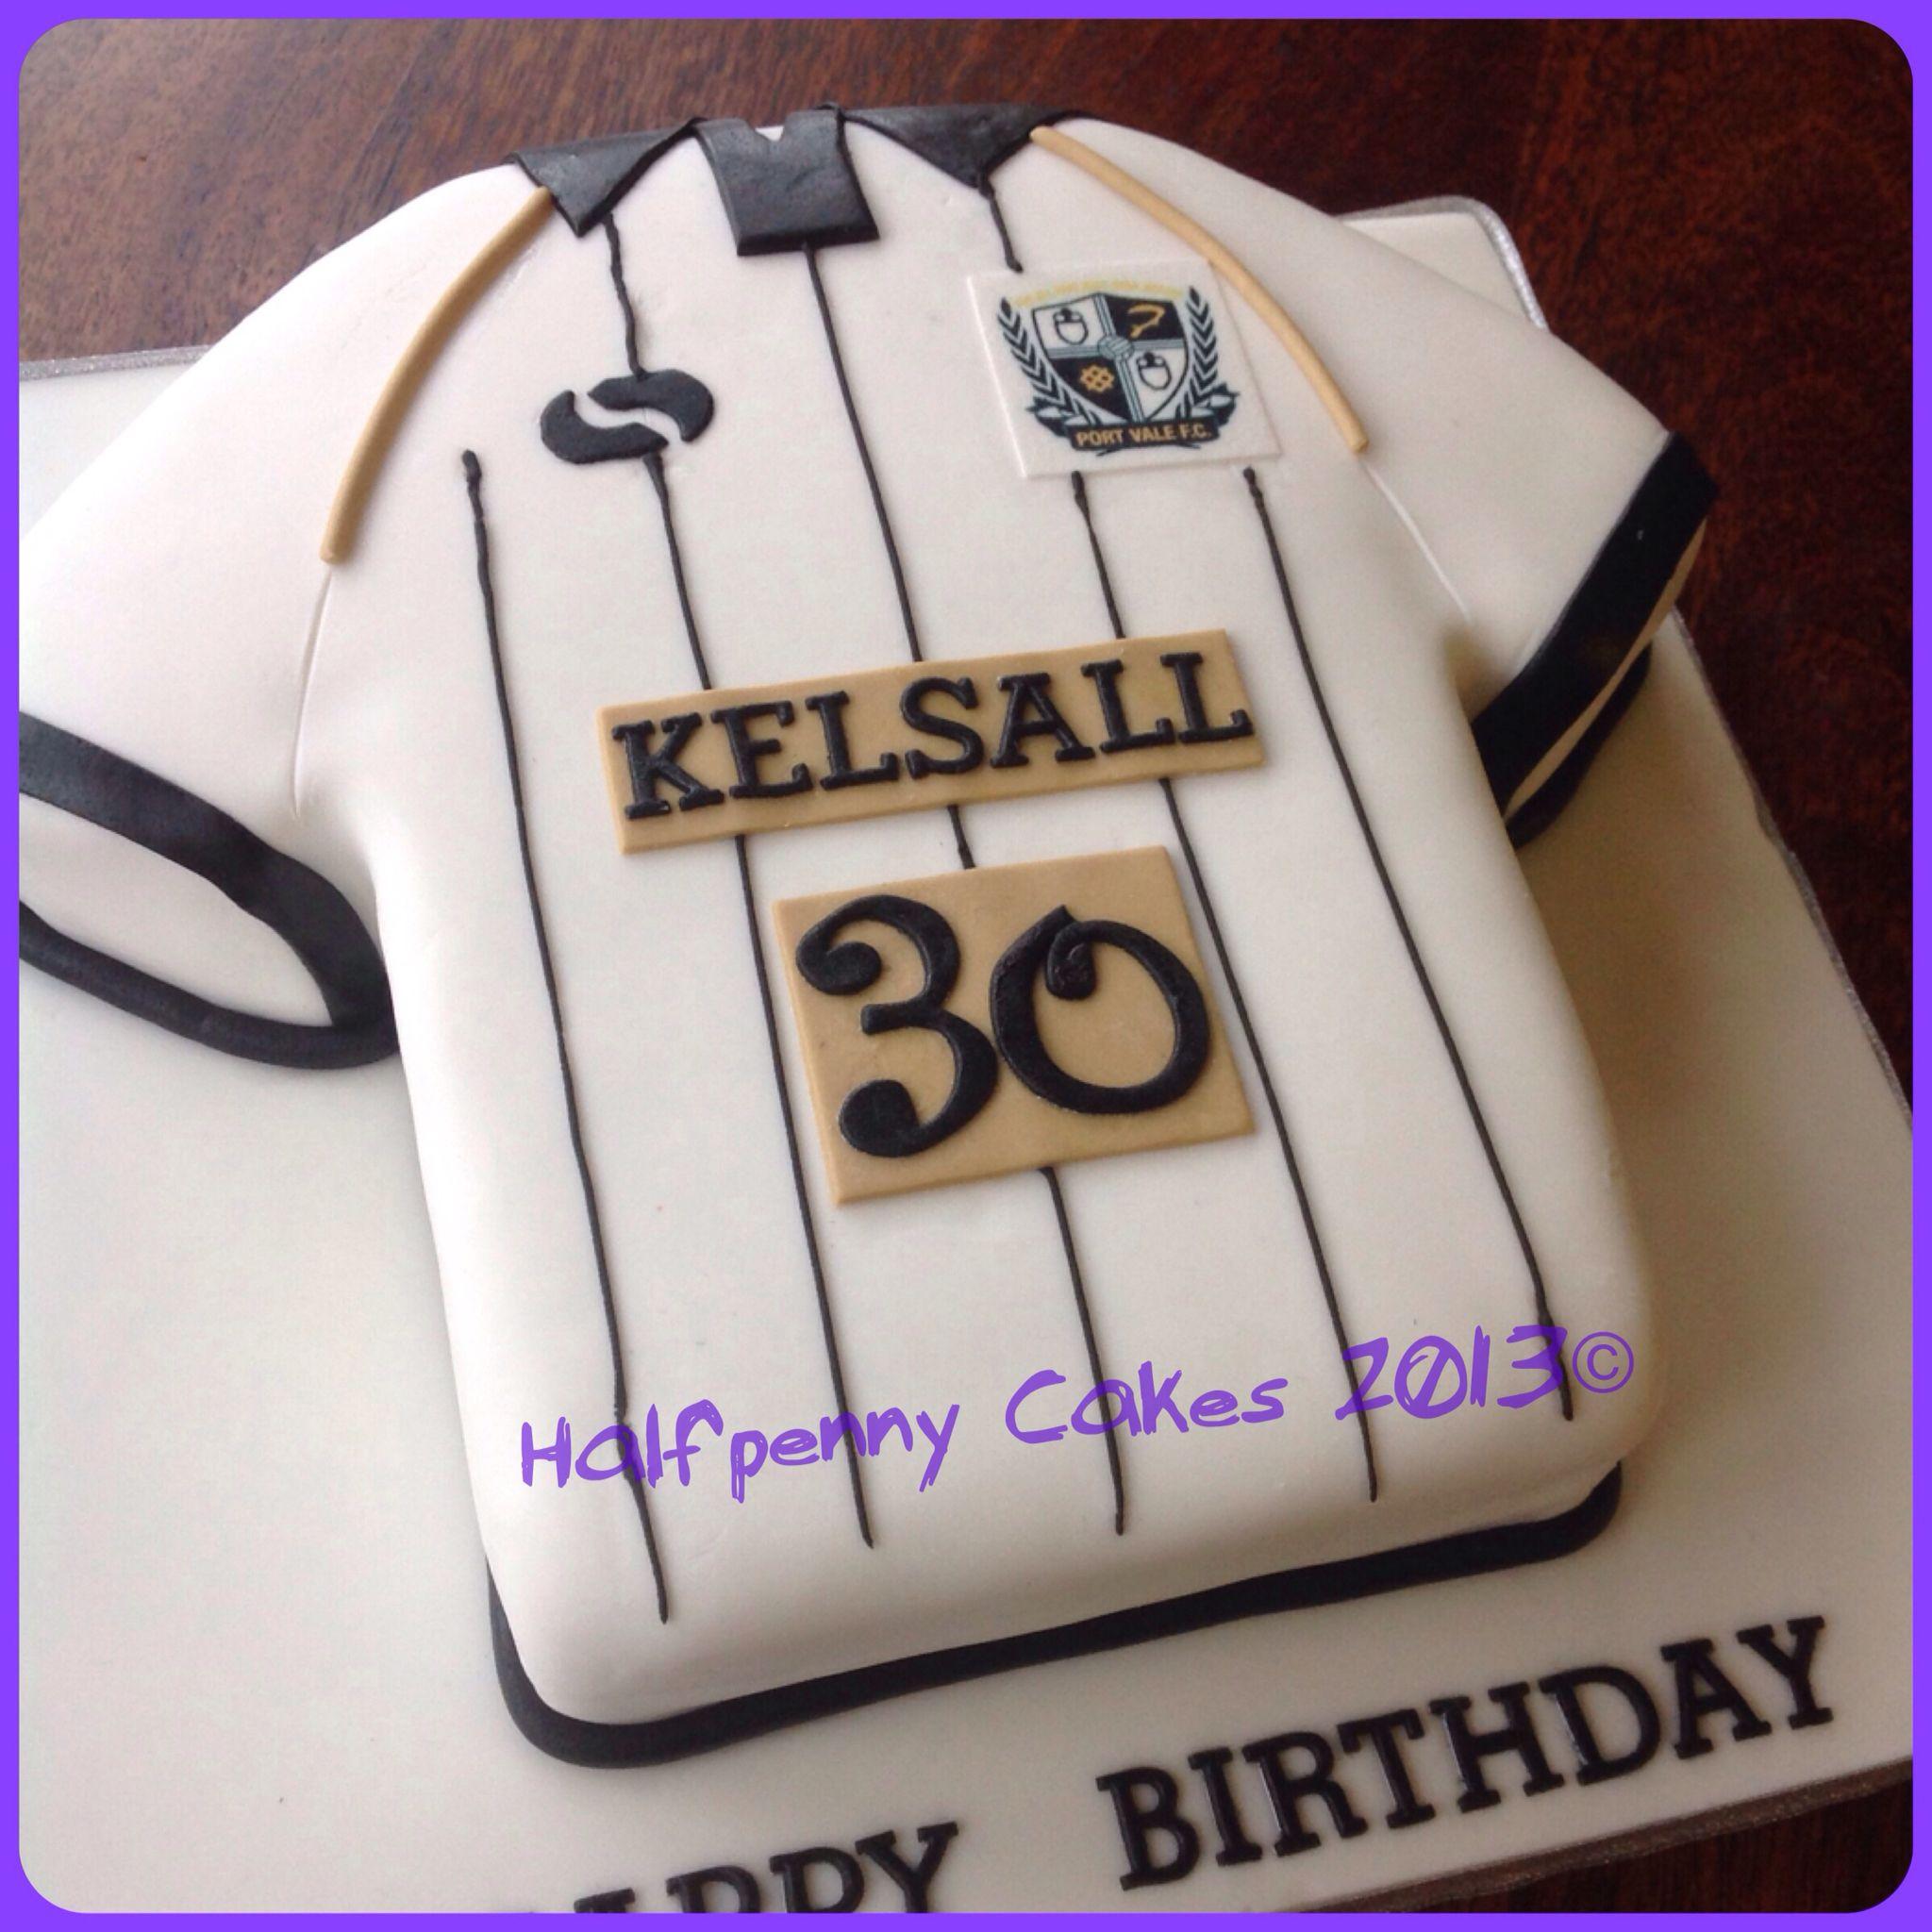 Port Vale FC Shirt Cake Cake Love Pinterest Shirts Cakes - Birthday cake shirt